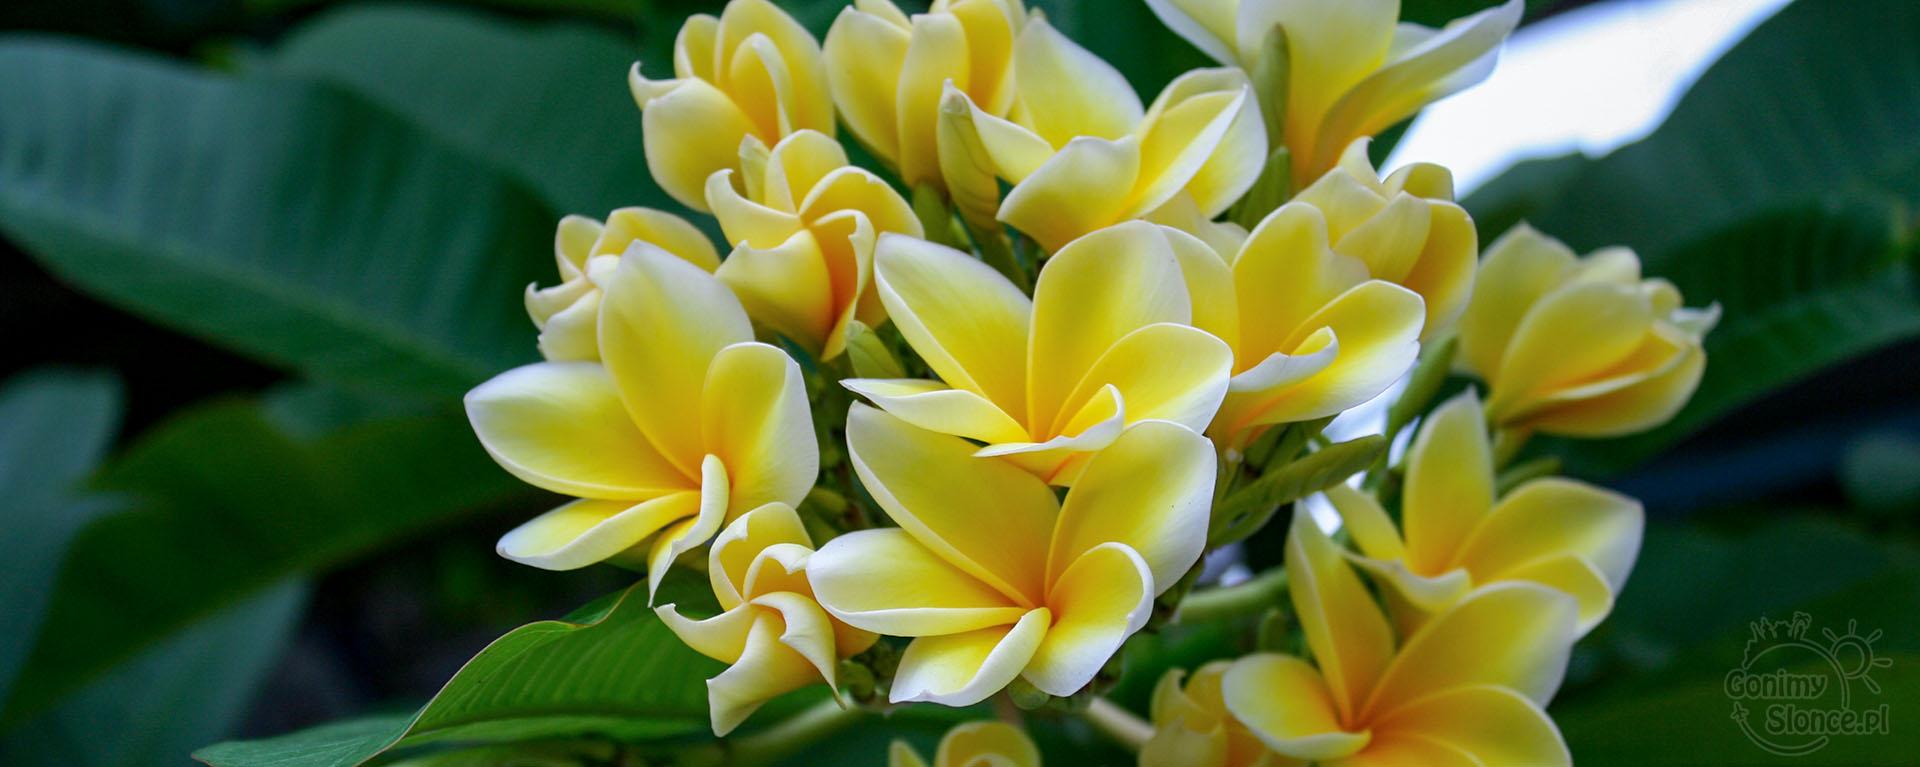 Plumeria - egzotyczne kwiaty, Tajlandia - czy warto?